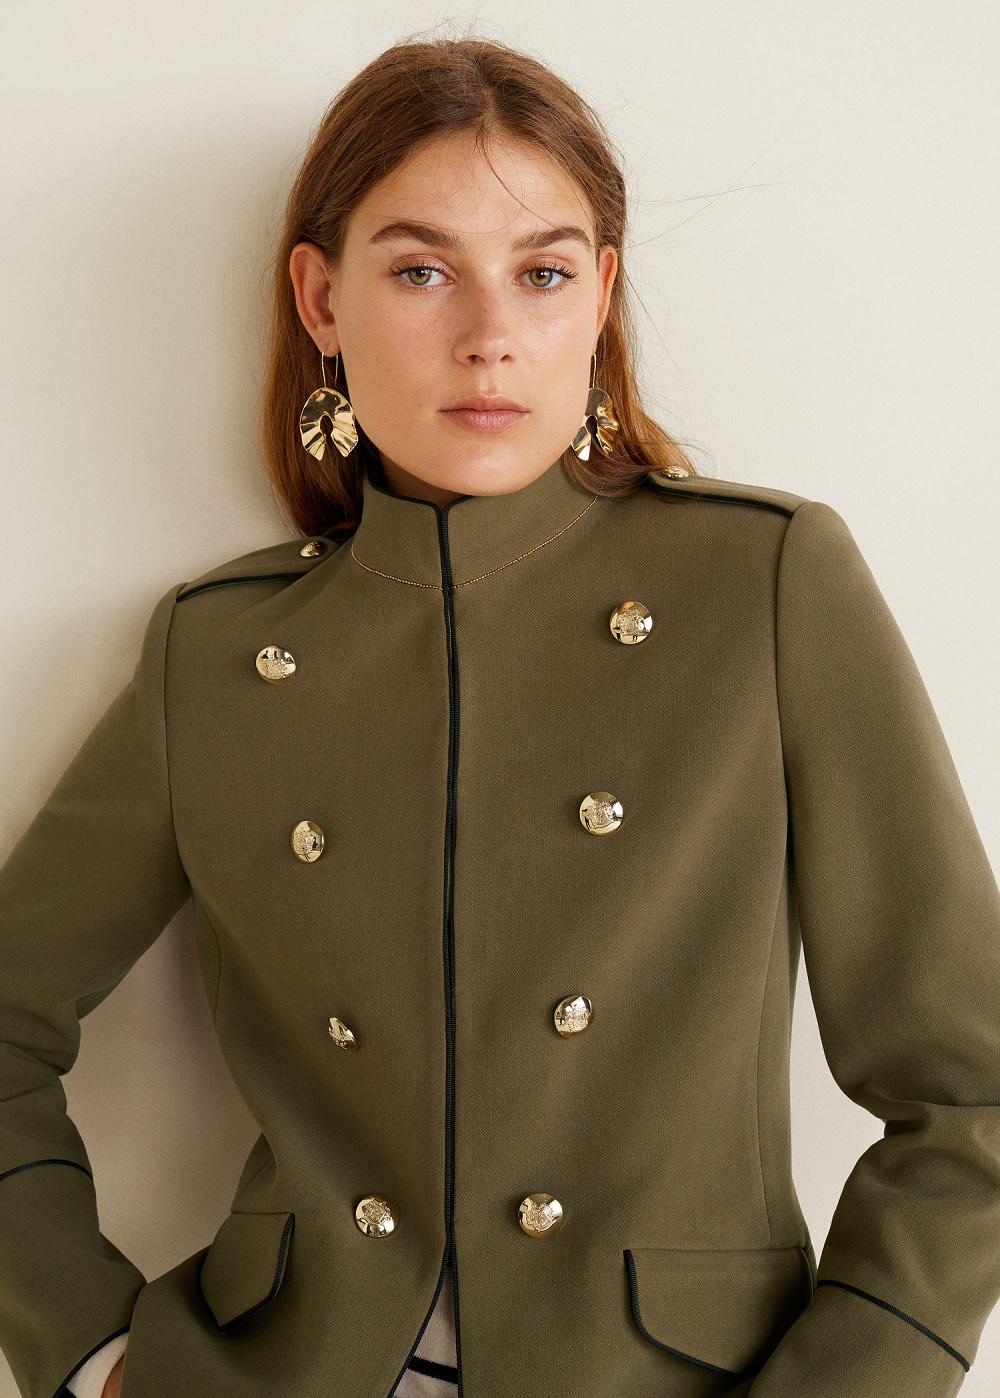 Mango Femme Bombon Khaki Perles Style À Militaire Veste wn8gTqUw